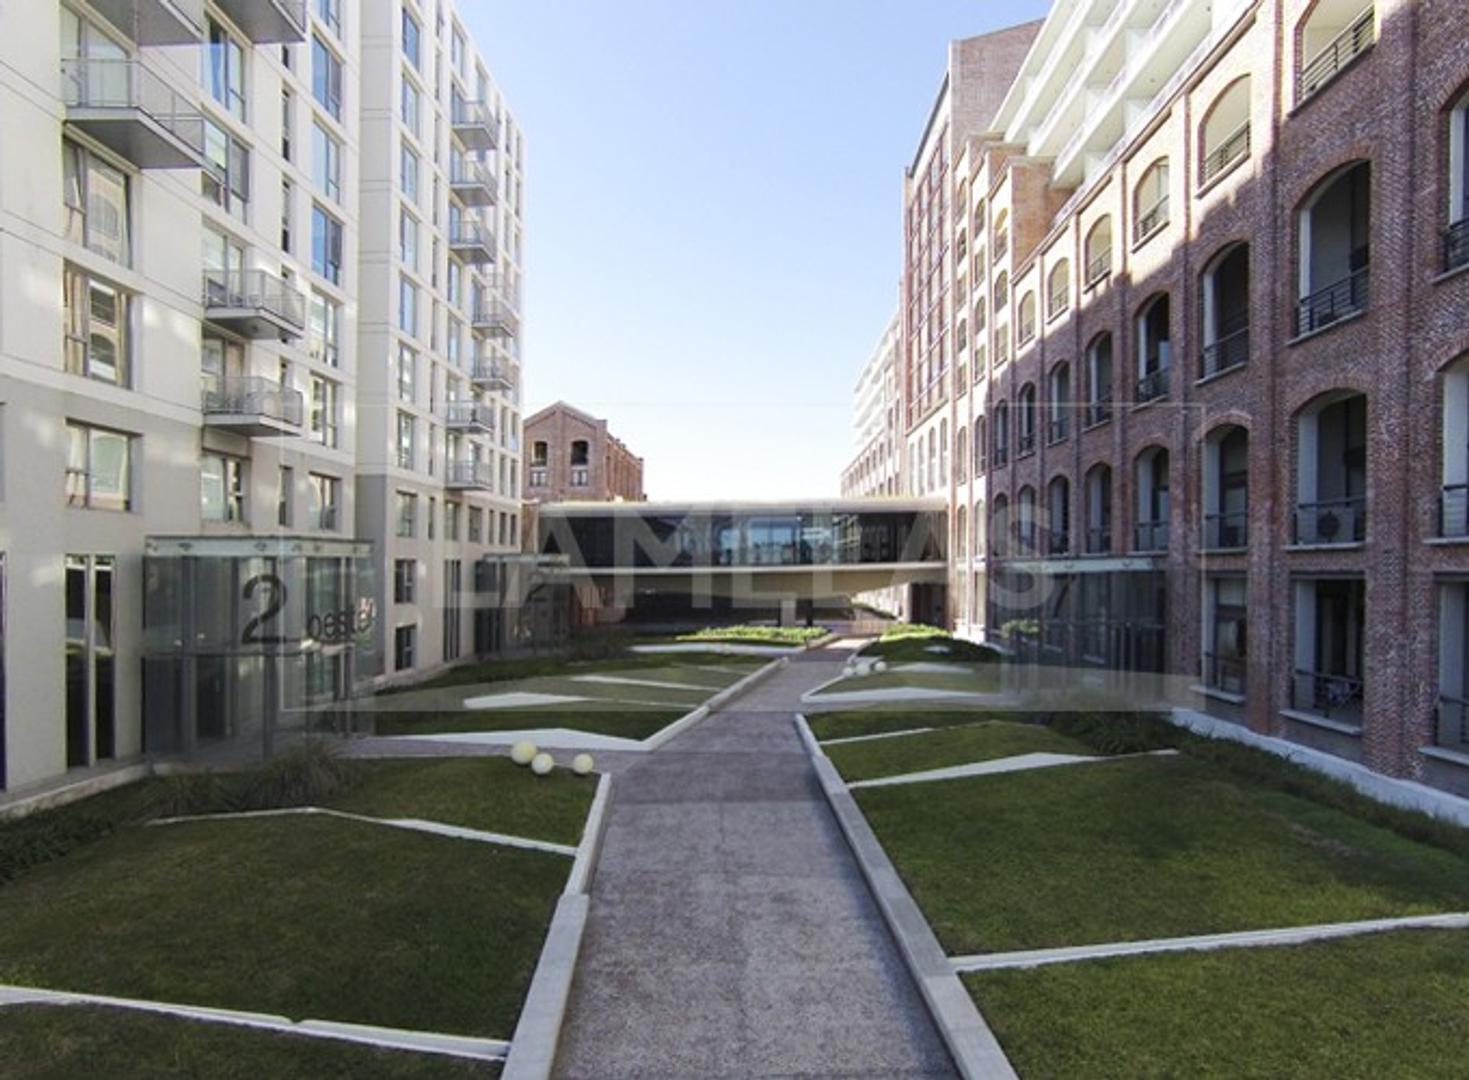 FORUM PUERTO NORTE - 2D - 104 m2